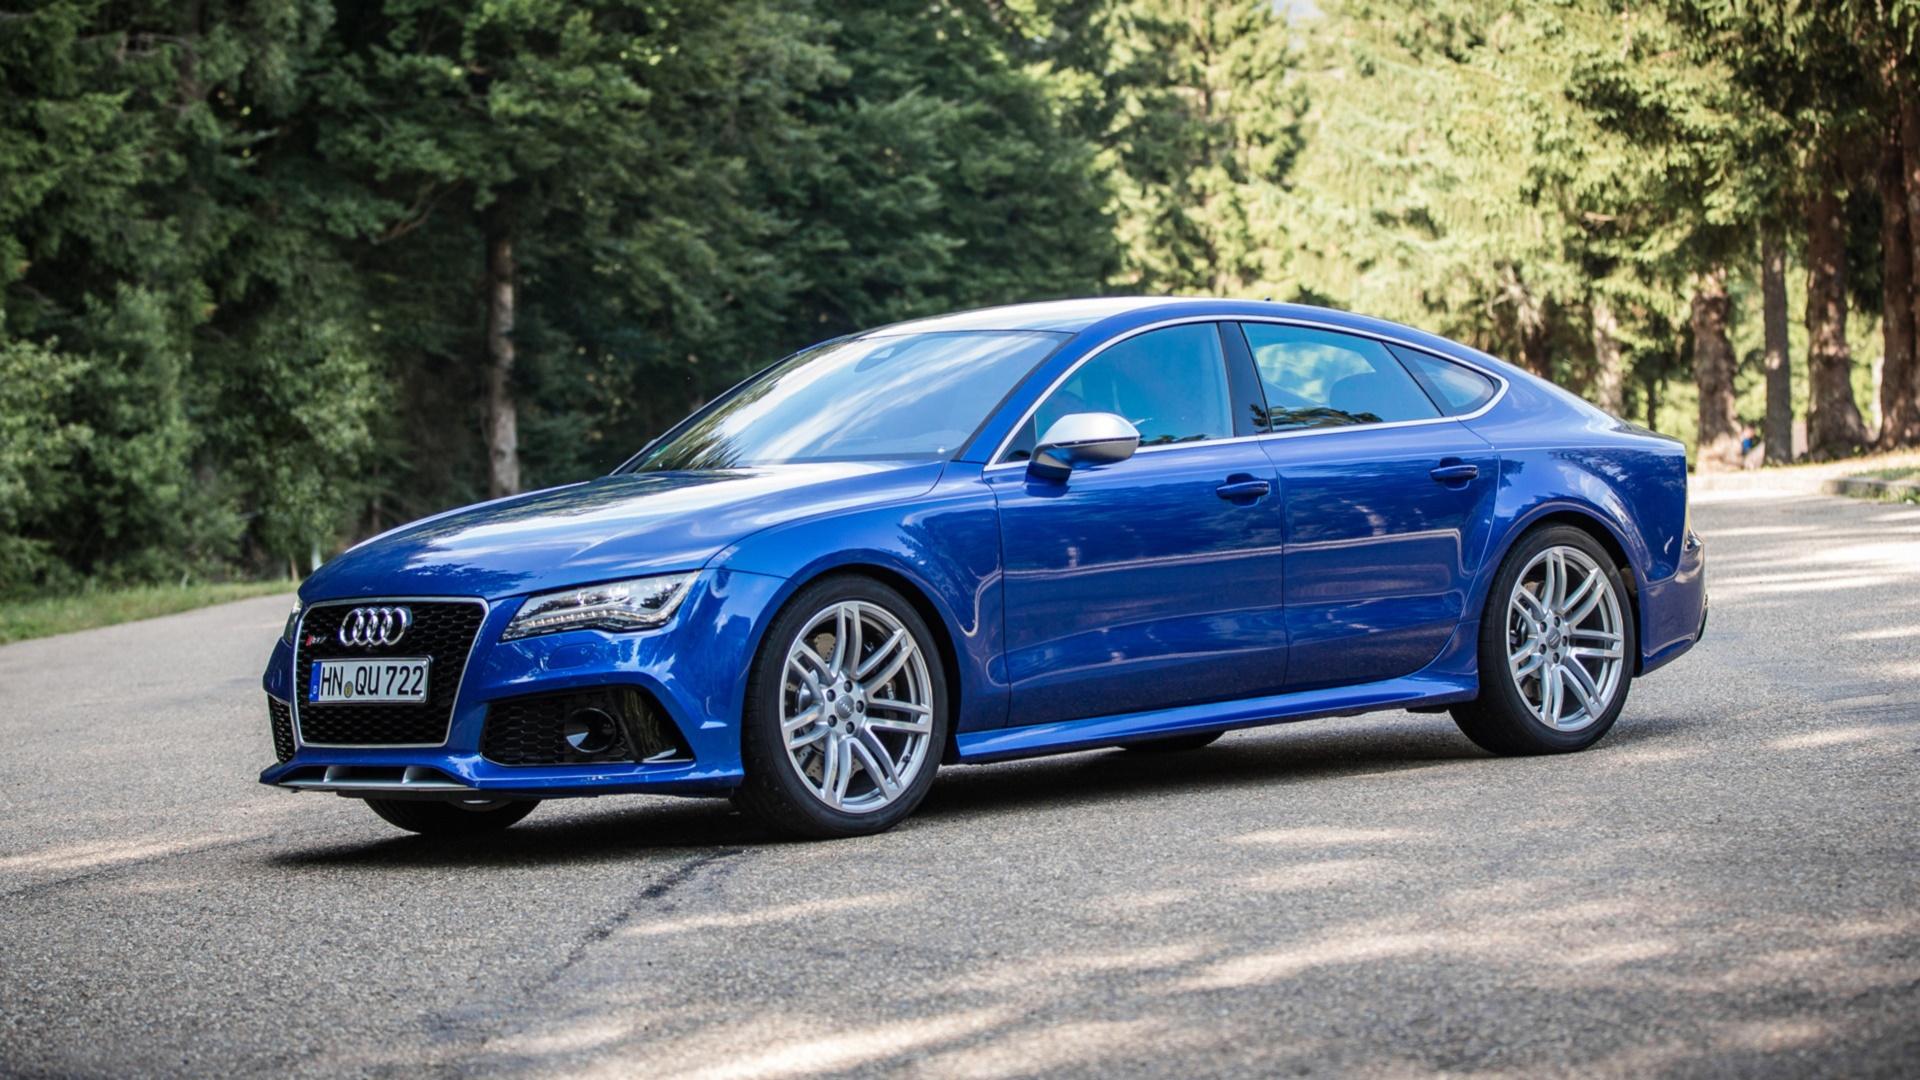 Audi Rs7 Full Hd Tapeta And Tło 1920x1080 Id 499012